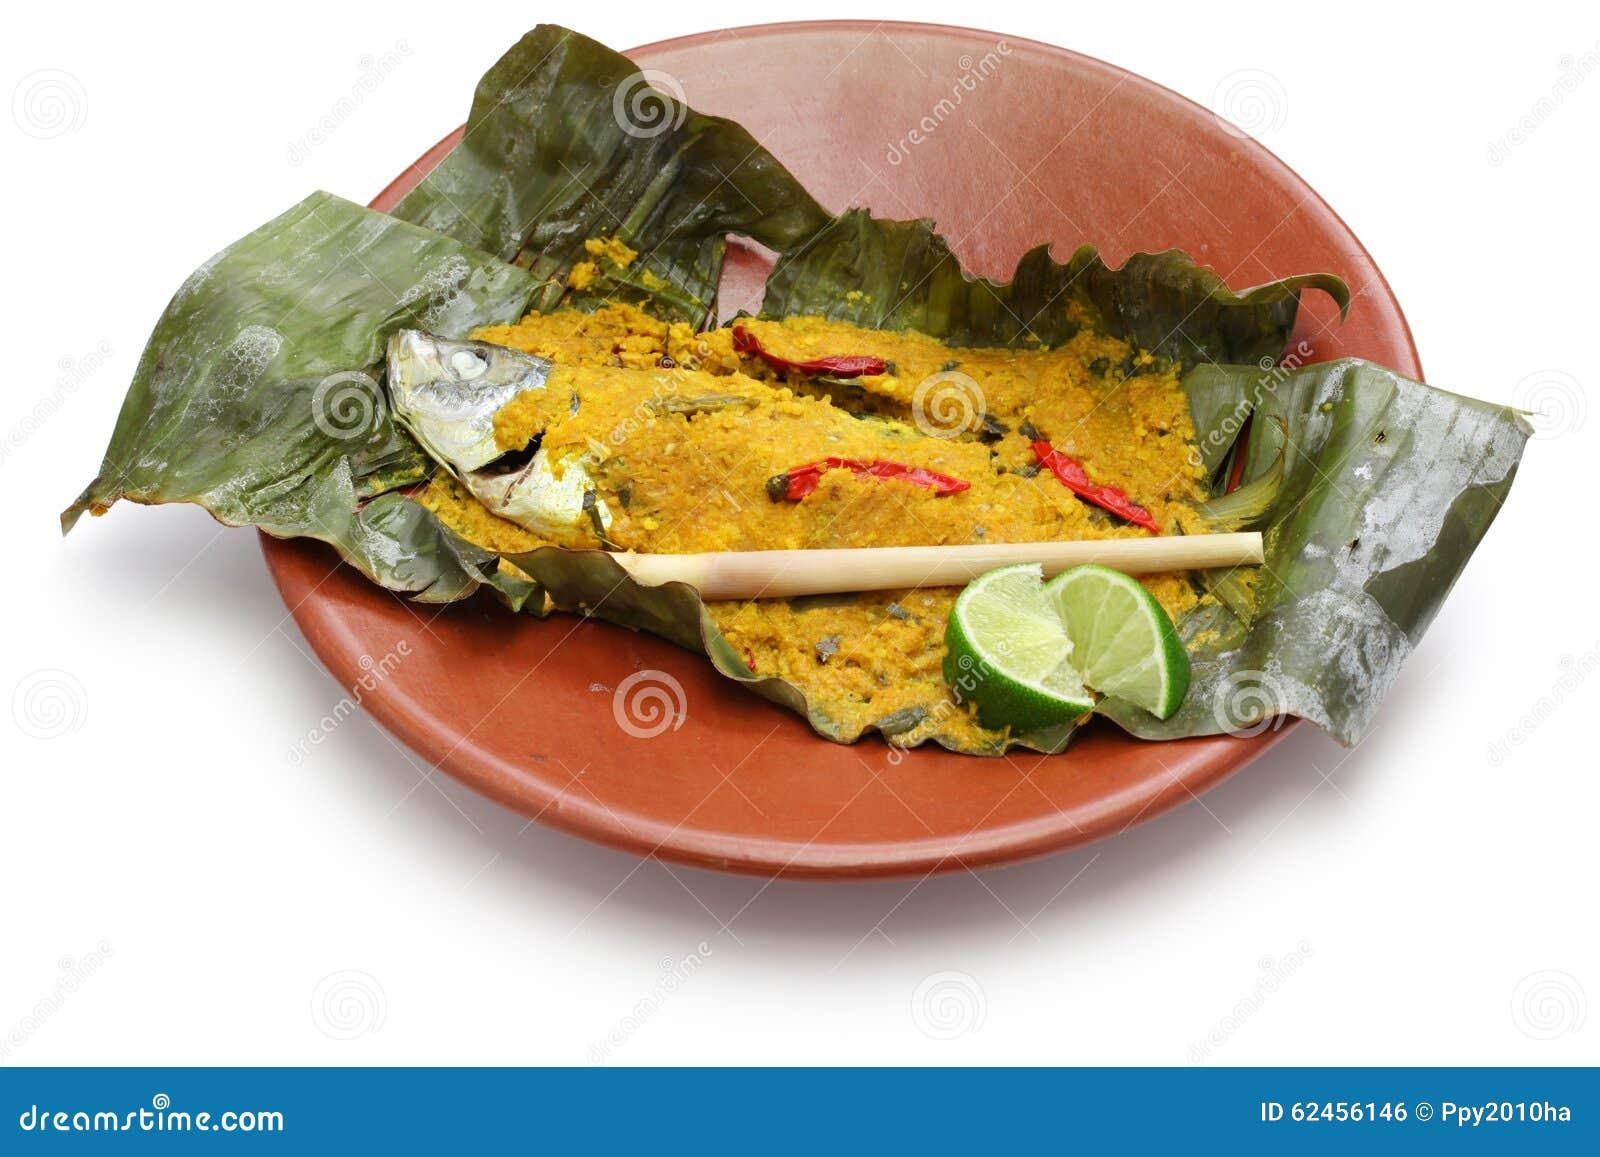 ikan-pepes, indonesische küche stockfoto - bild: 62456146